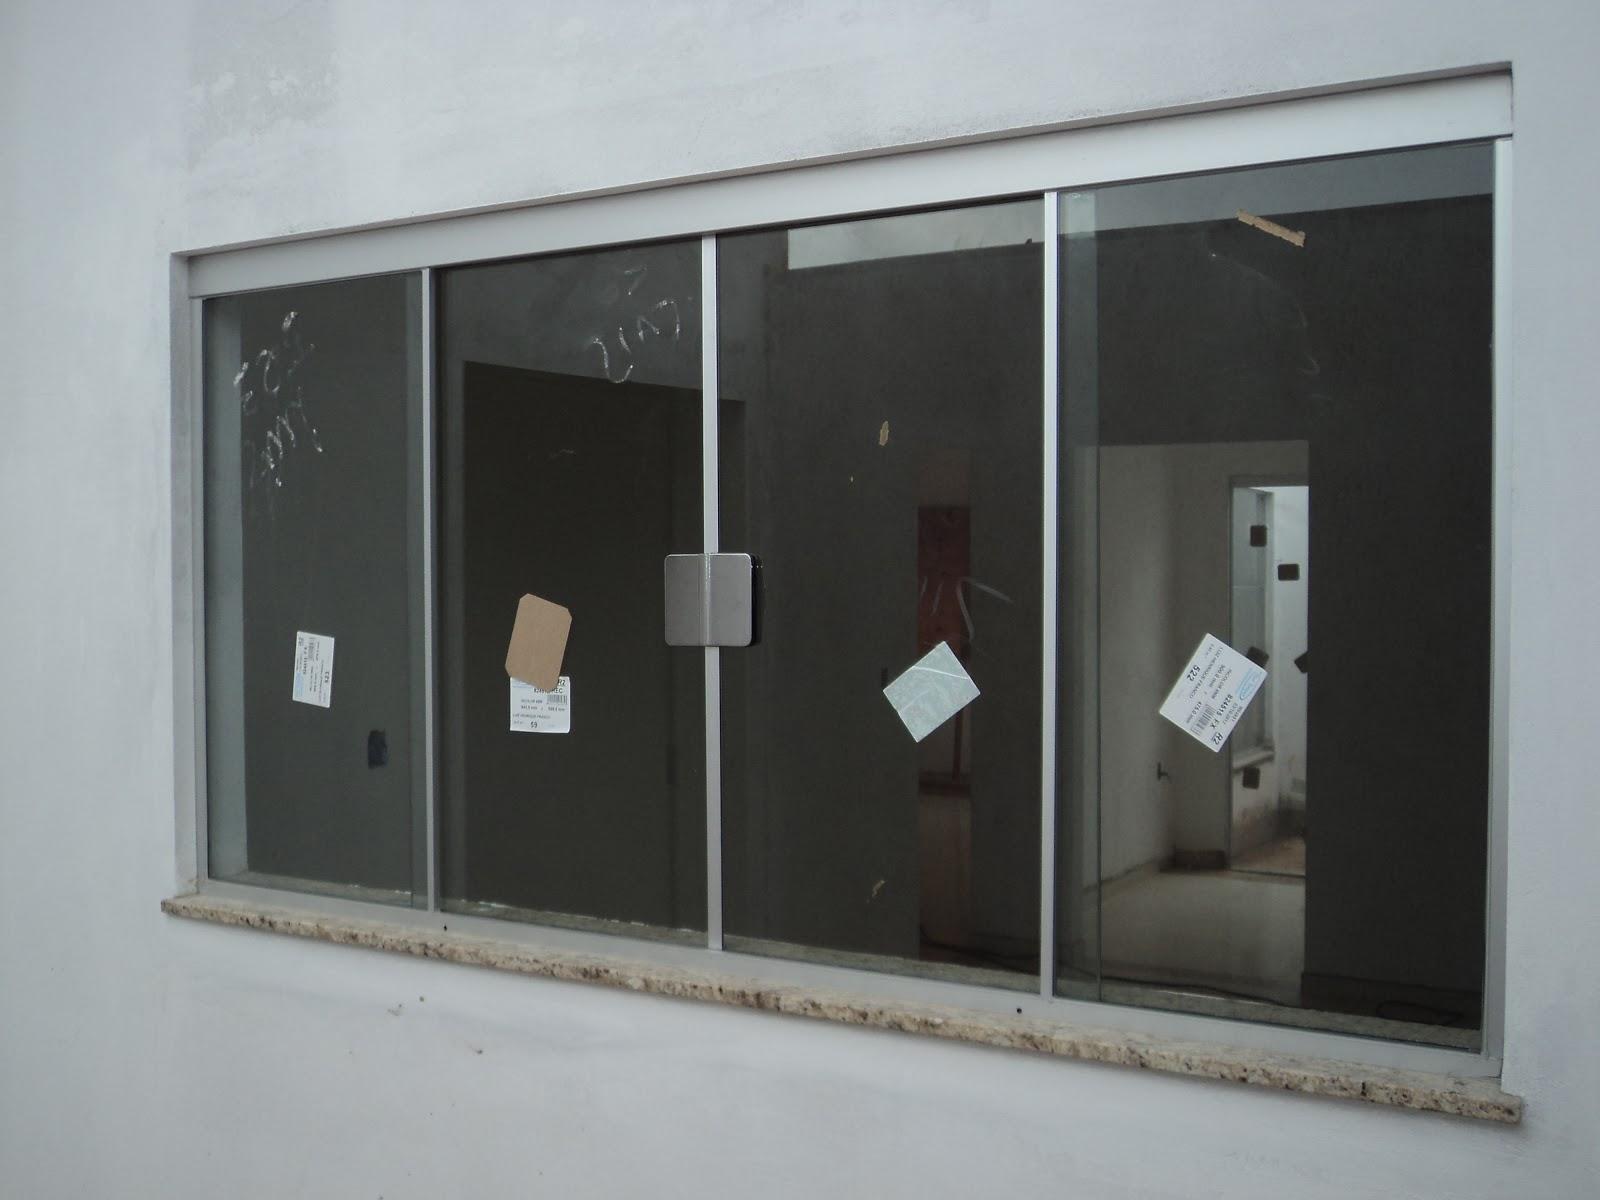 #585247 FRANCO VIDROS TEMPERADOS: Obra em Campos Novos Paulista 1574 Vidros Em Bh Janelas